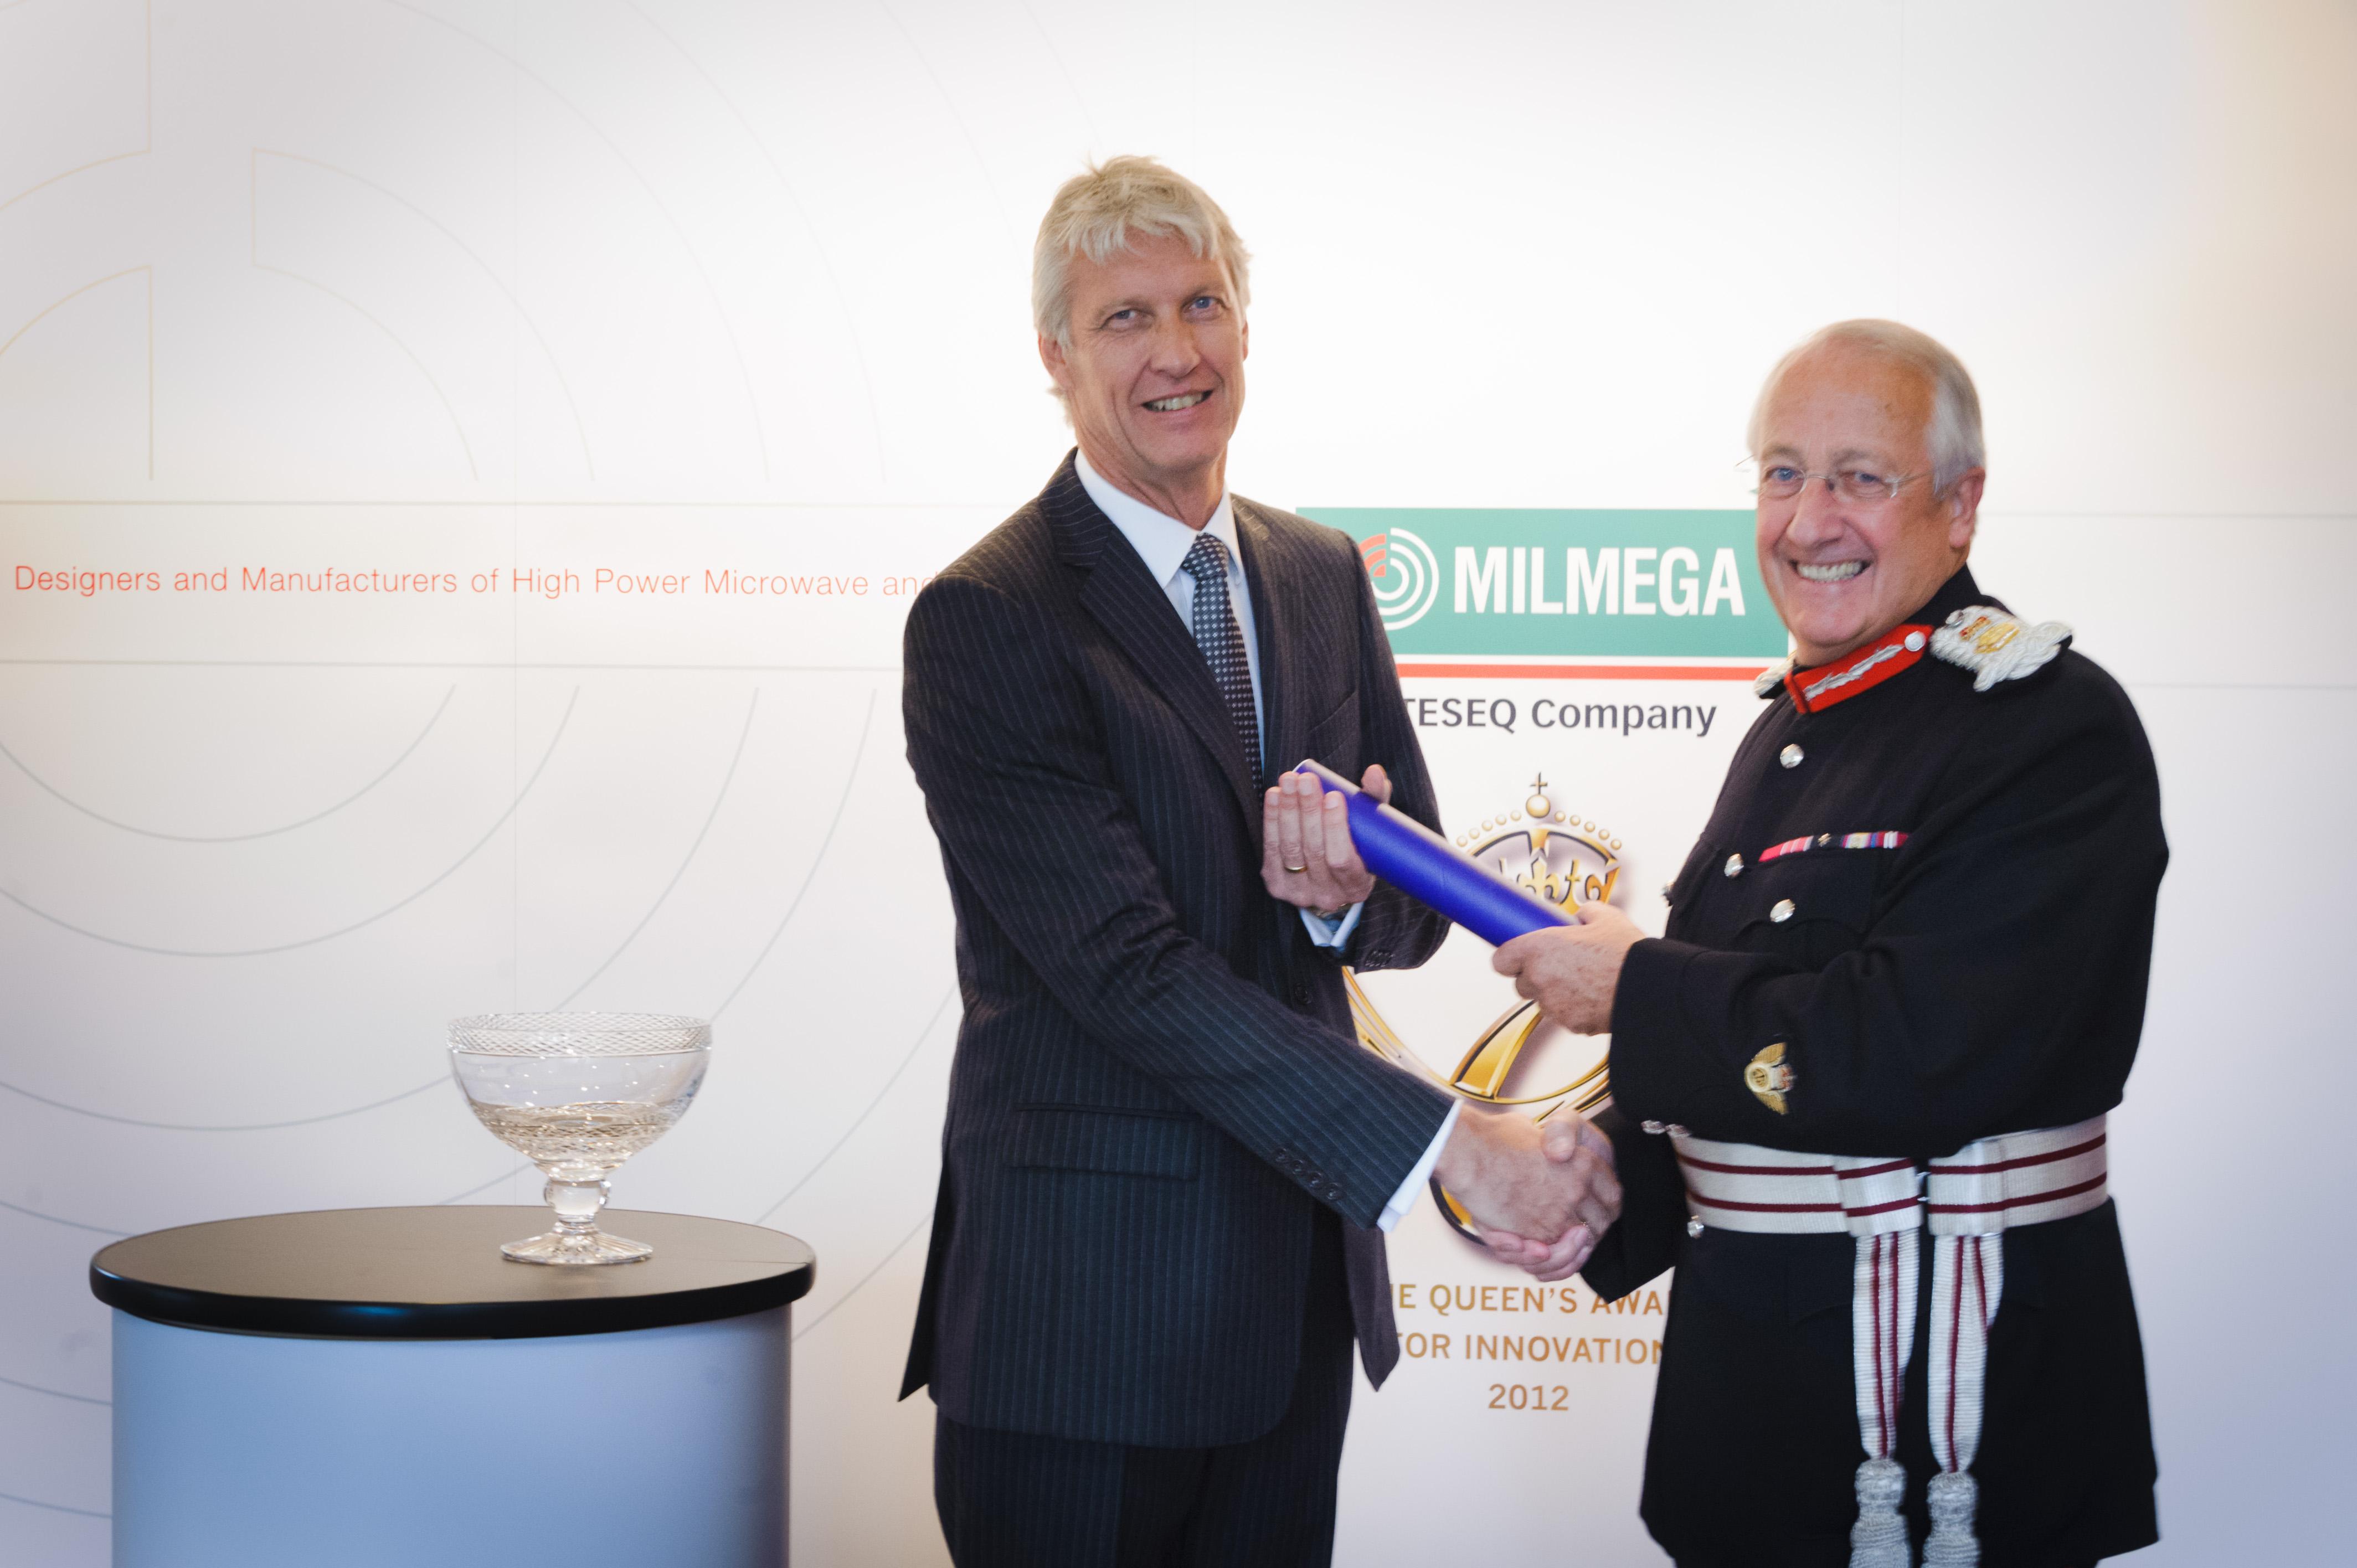 MILMEGA代表Graeme Goodall从Martin White少将手上接过女王奖